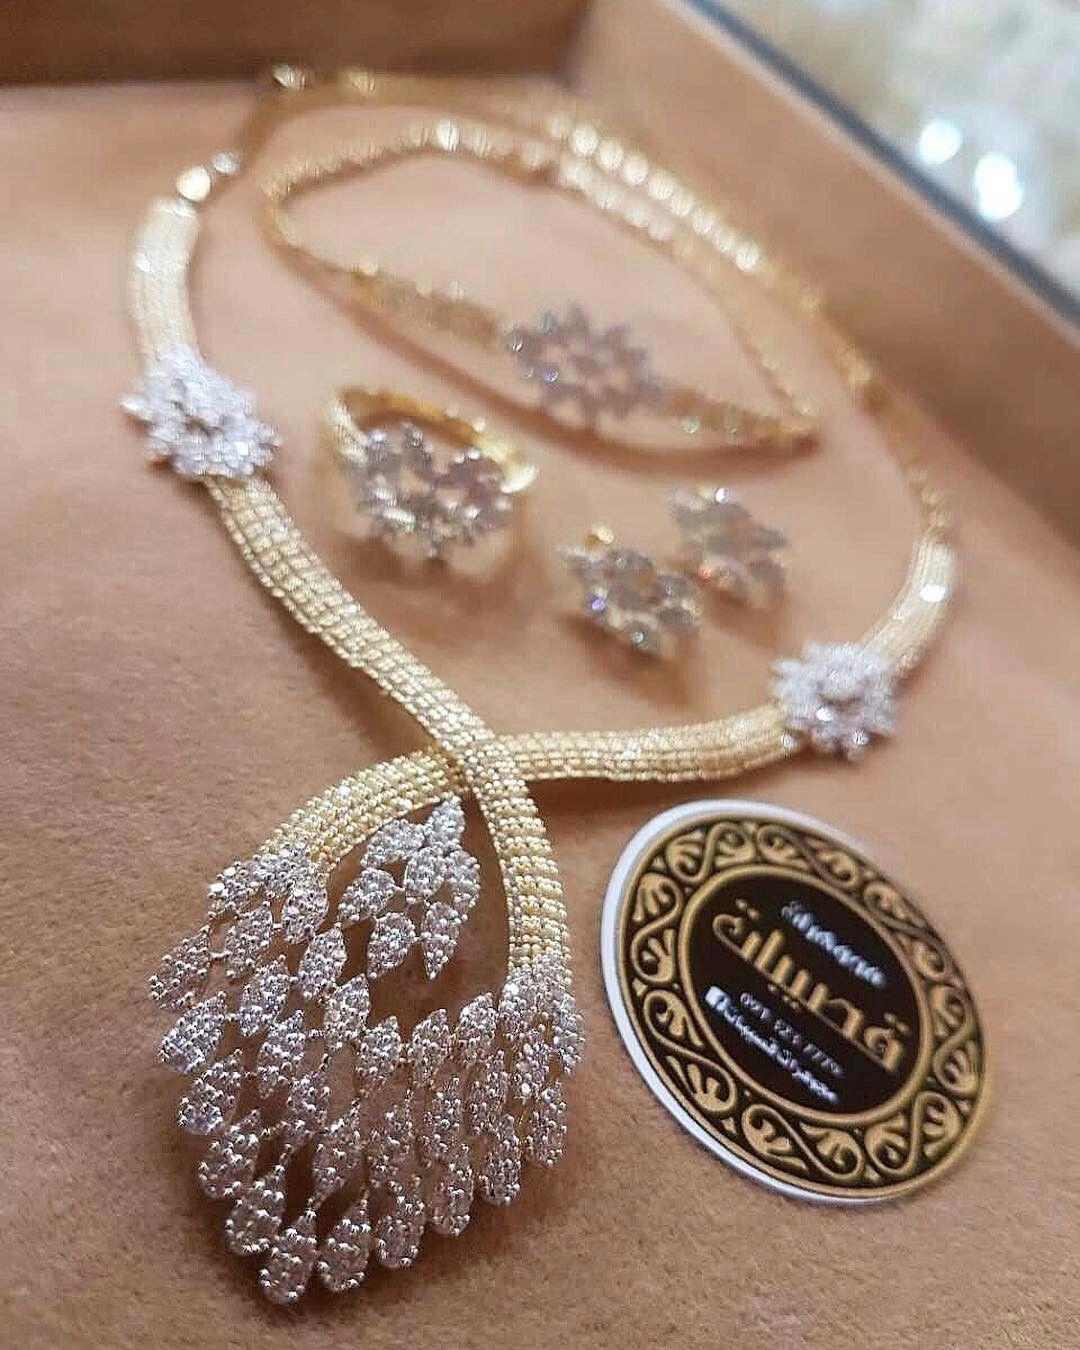 Gusibatjewellery realgoldjewellery real gold jewellery